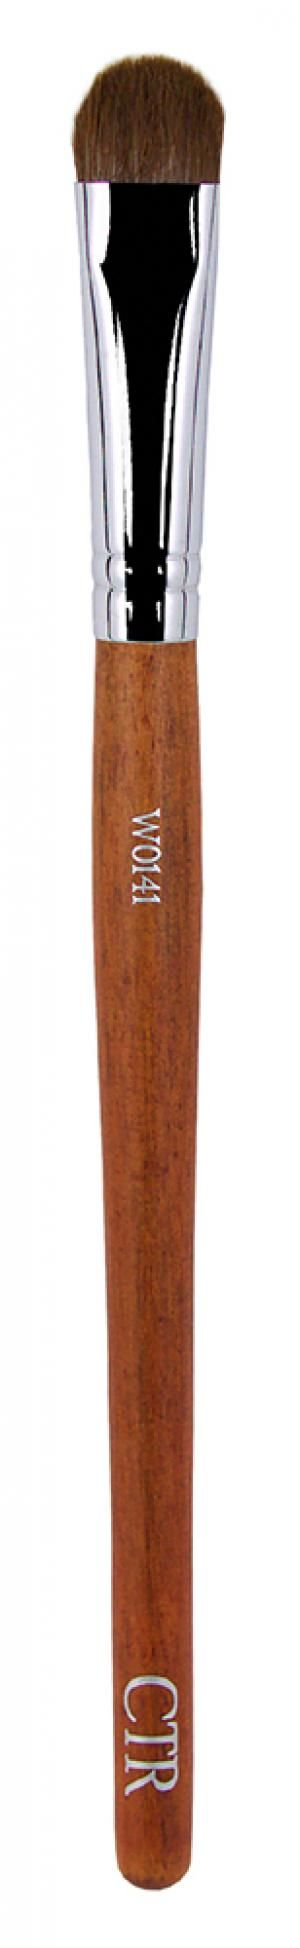 Кисть для нанесения теней ворс соболь W0141 - 00-00011574